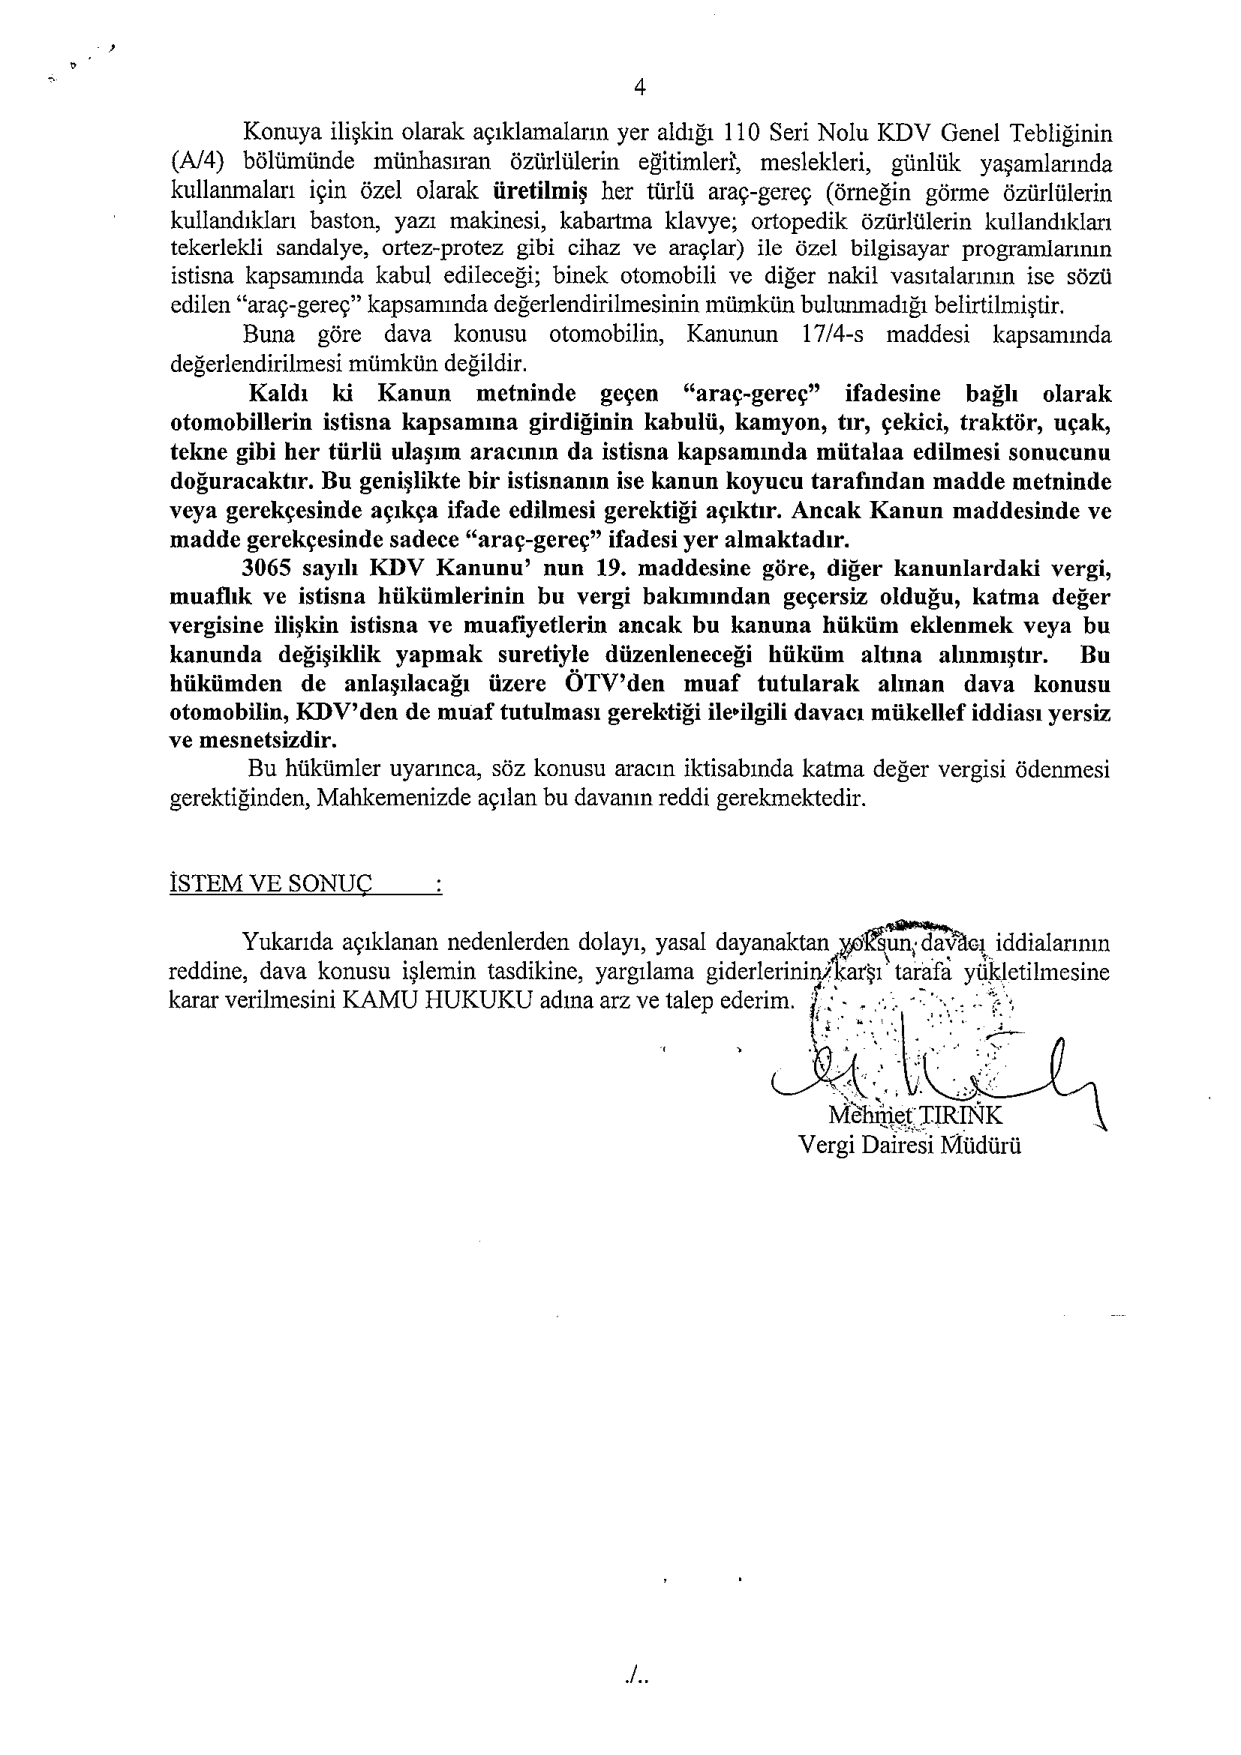 Sakarya VD savunma4 - Sakat statüsünde alınan araç için ödenen KDV'nin geri alınması işlemleri ve süreç